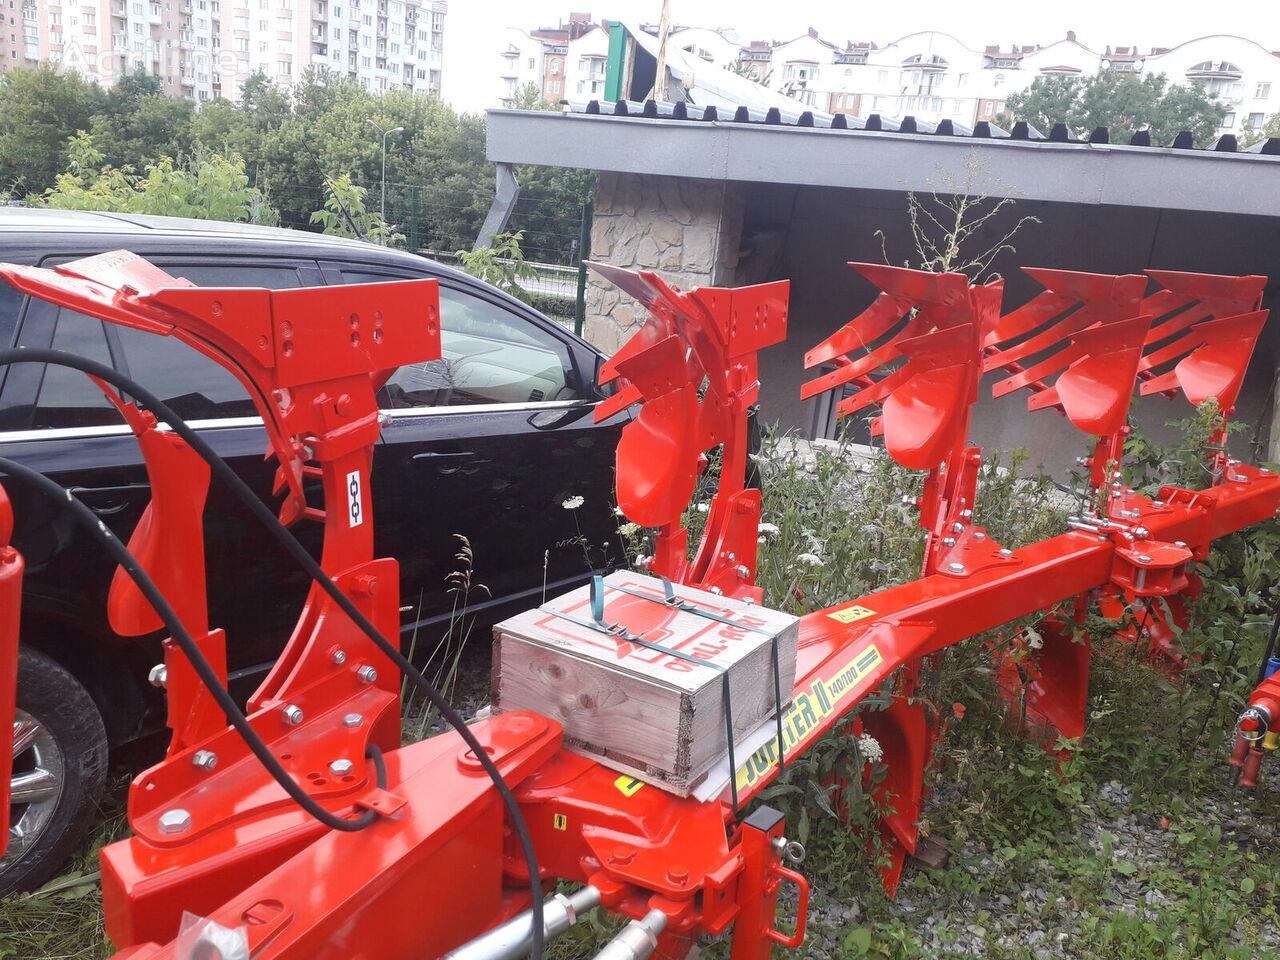 new OPaLL-AGRI jupiter 120/3+1, 140/4+1 reversible plough